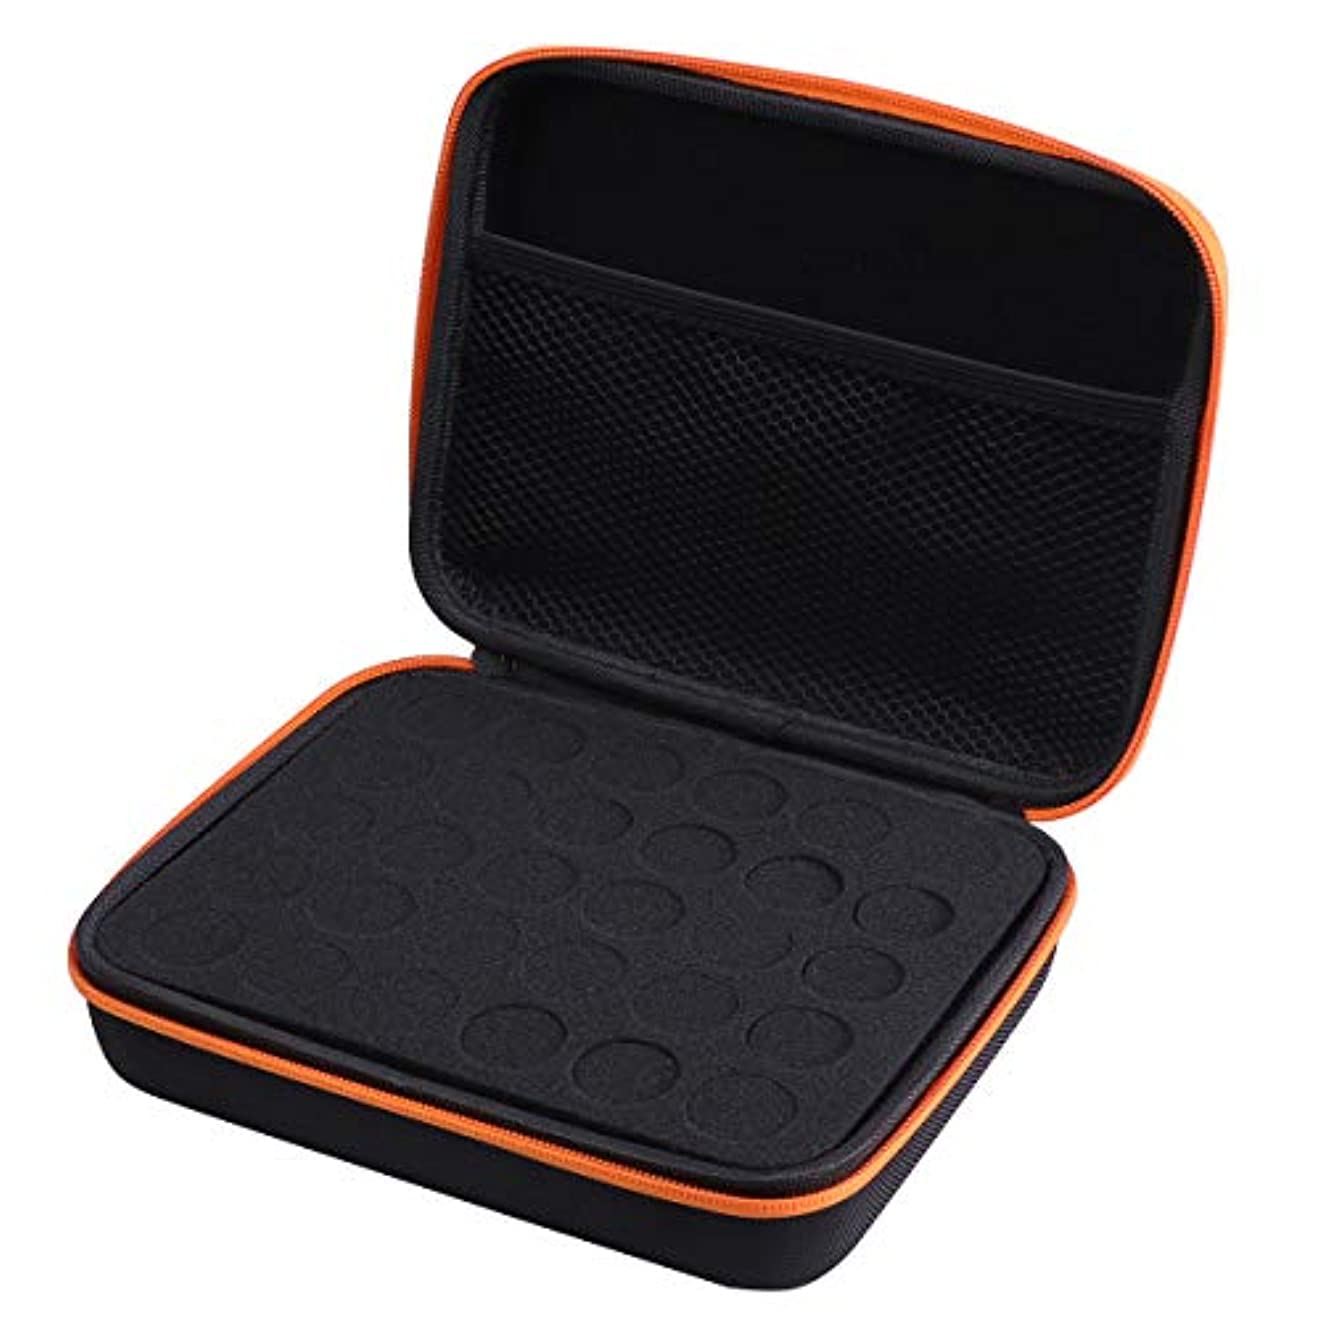 なぜケーブル大佐Frcolor エッセンシャルオイル ケース 携帯用 アロマポーチ アロマケース メイクポーチ 精油ケース 30本用(オレンジ)